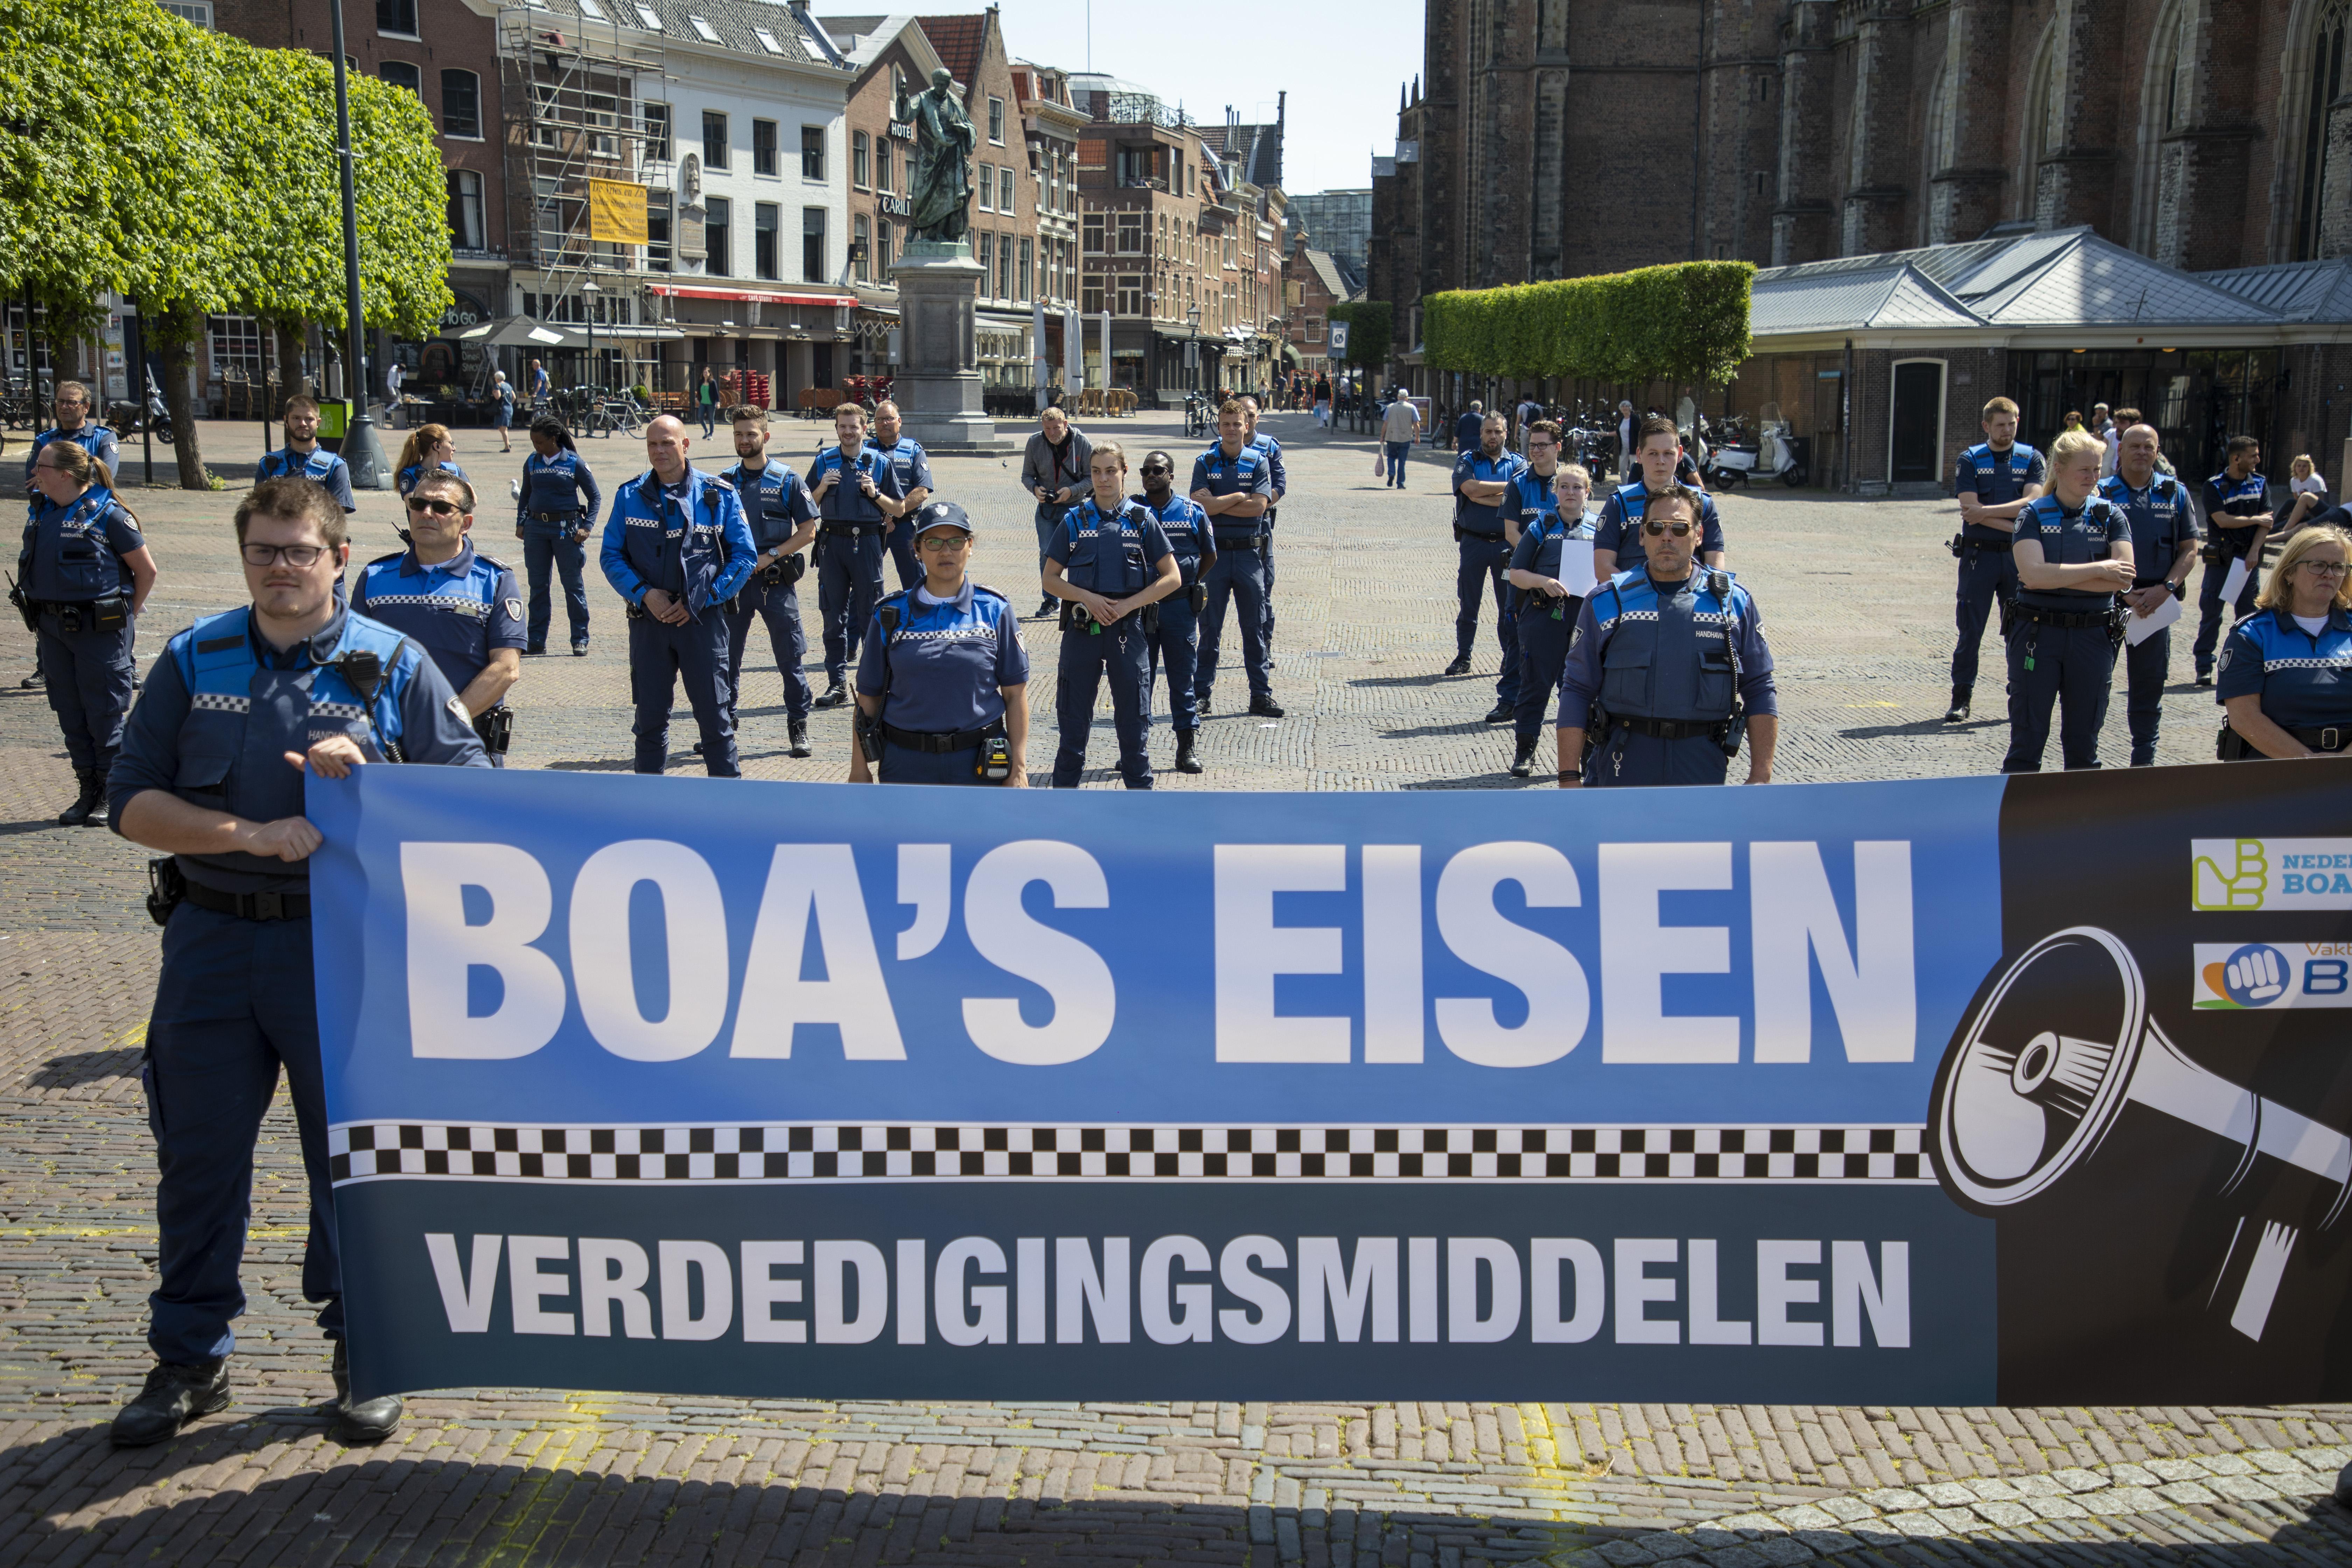 Alkmaar wil nu toch wapenstokken voor boa's. Gemeente meldt zich aan voor proef, ondanks eerdere twijfels van de burgemeester over de bewapening van de handhavers